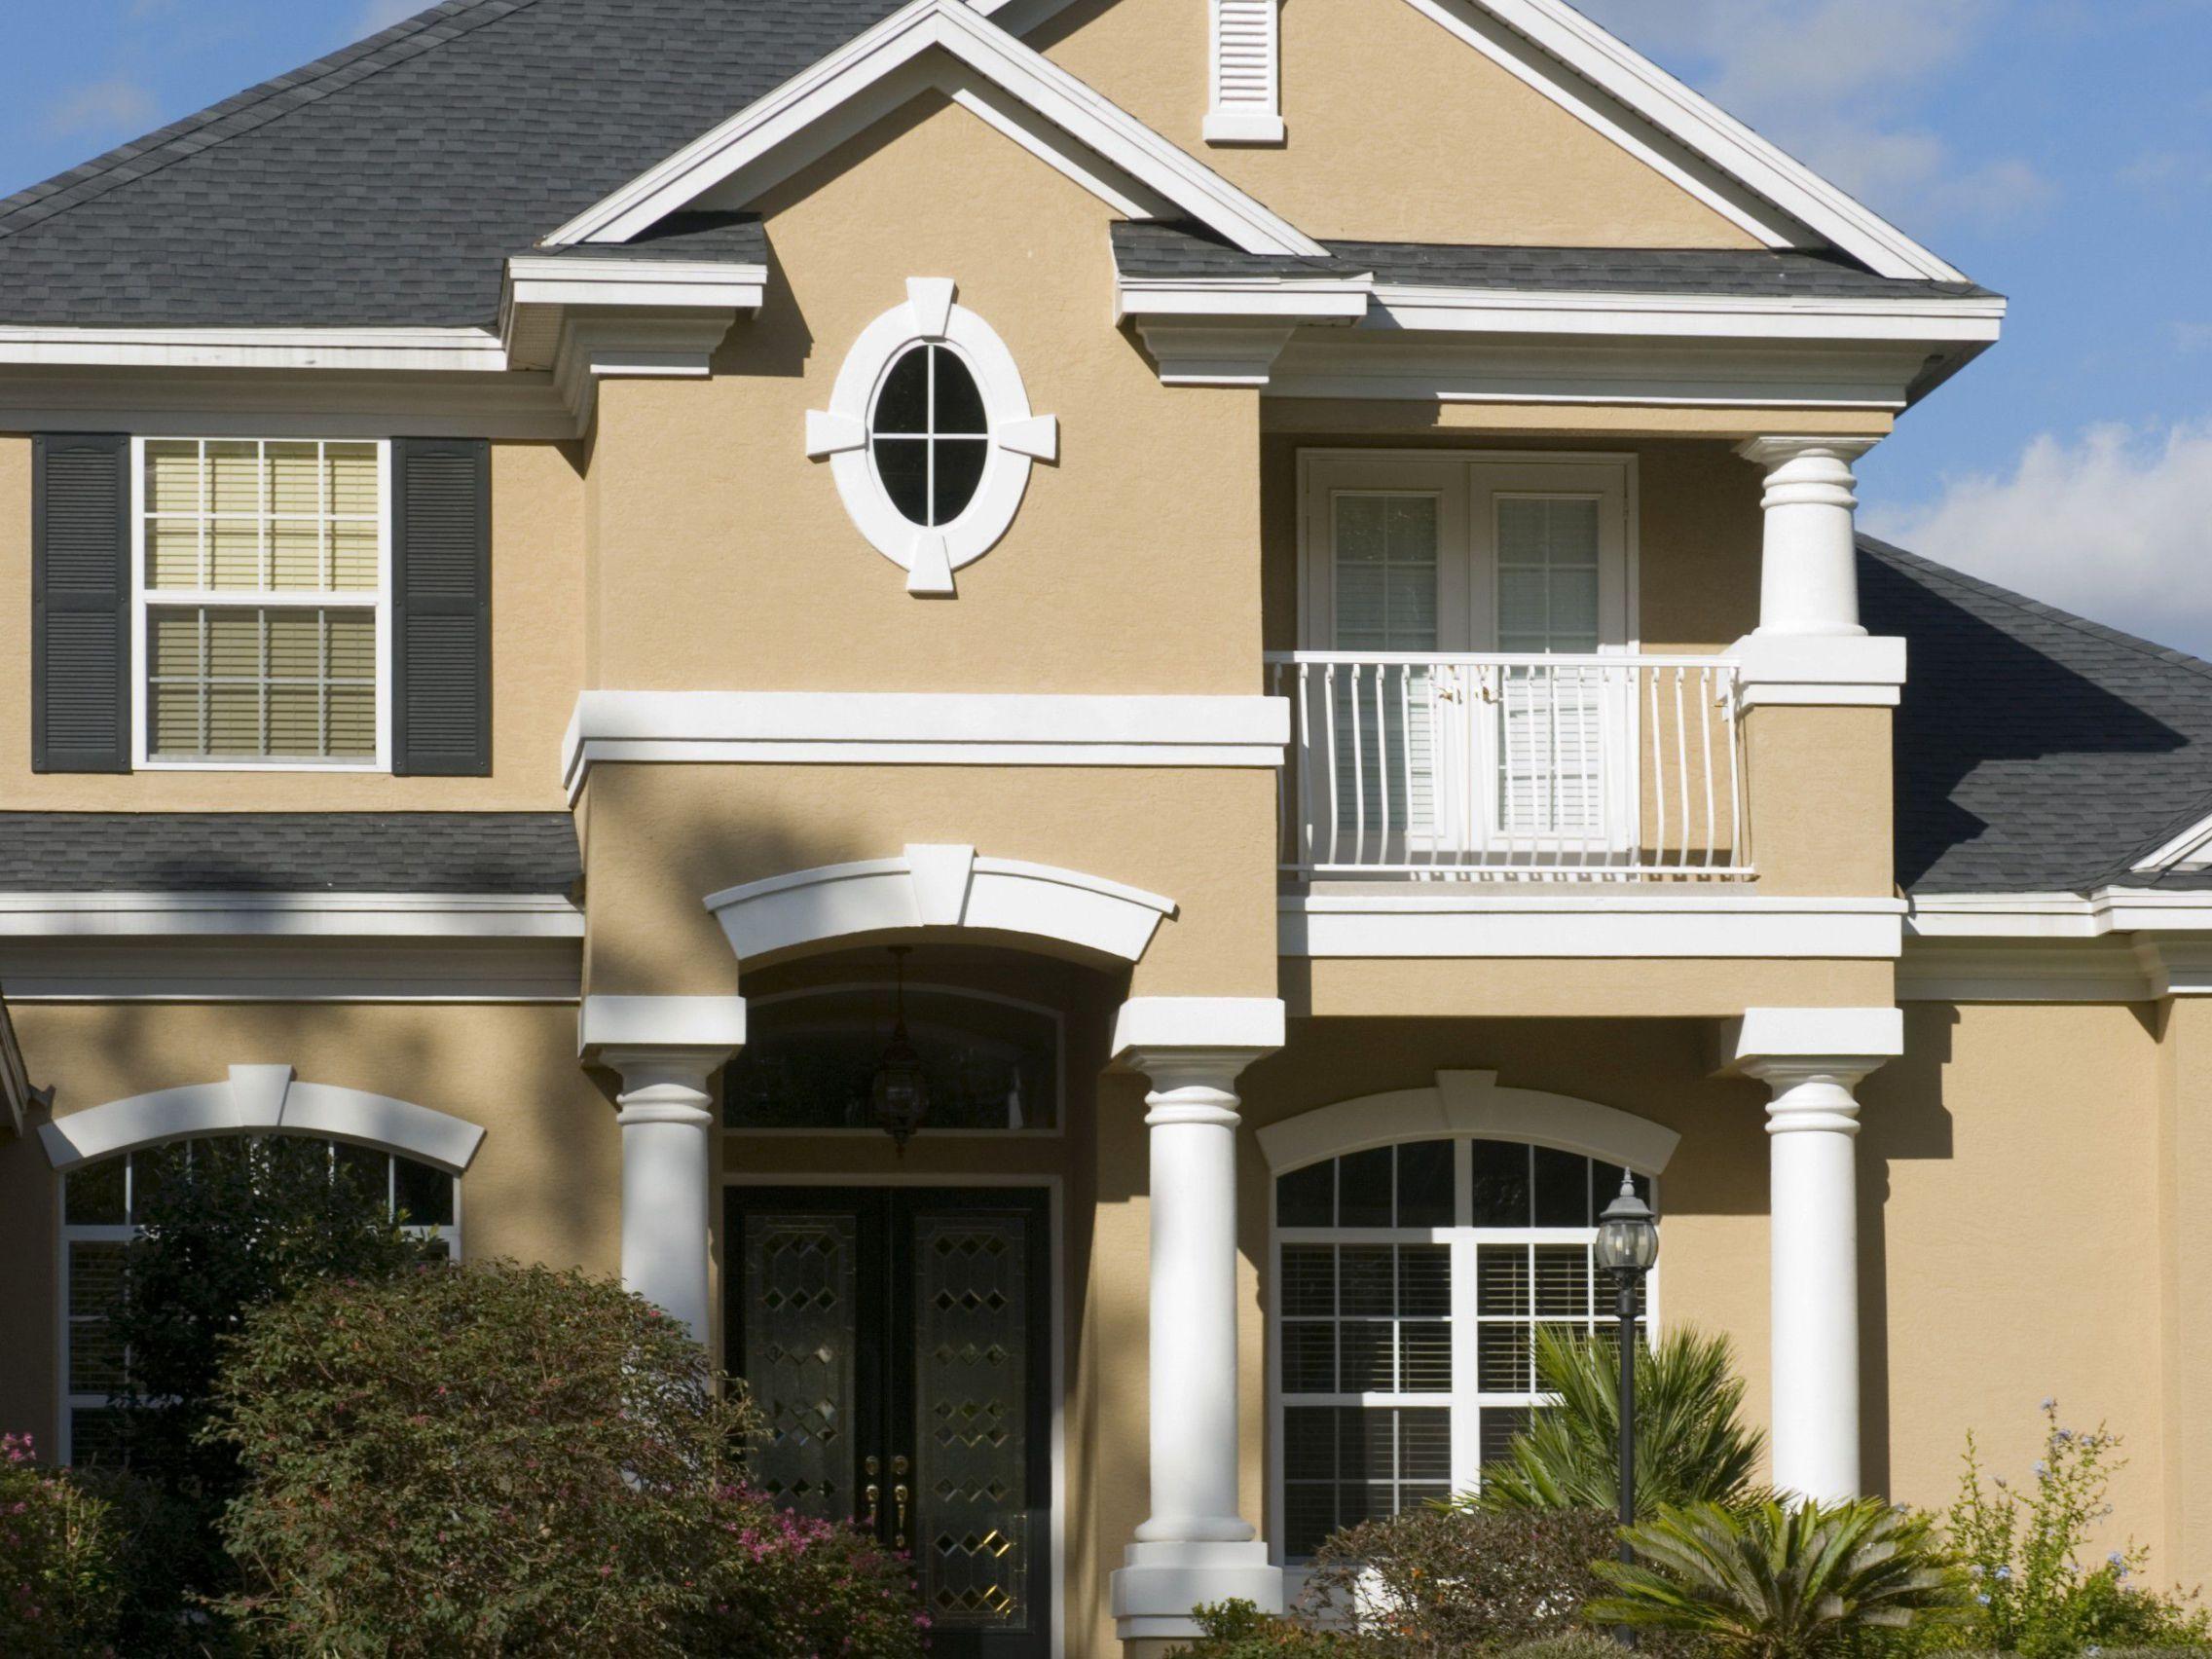 House Exterior Color Design Home Design Image Classy Simple Under House Exte House Paint Exterior Exterior House Paint Color Combinations Exterior House Colors